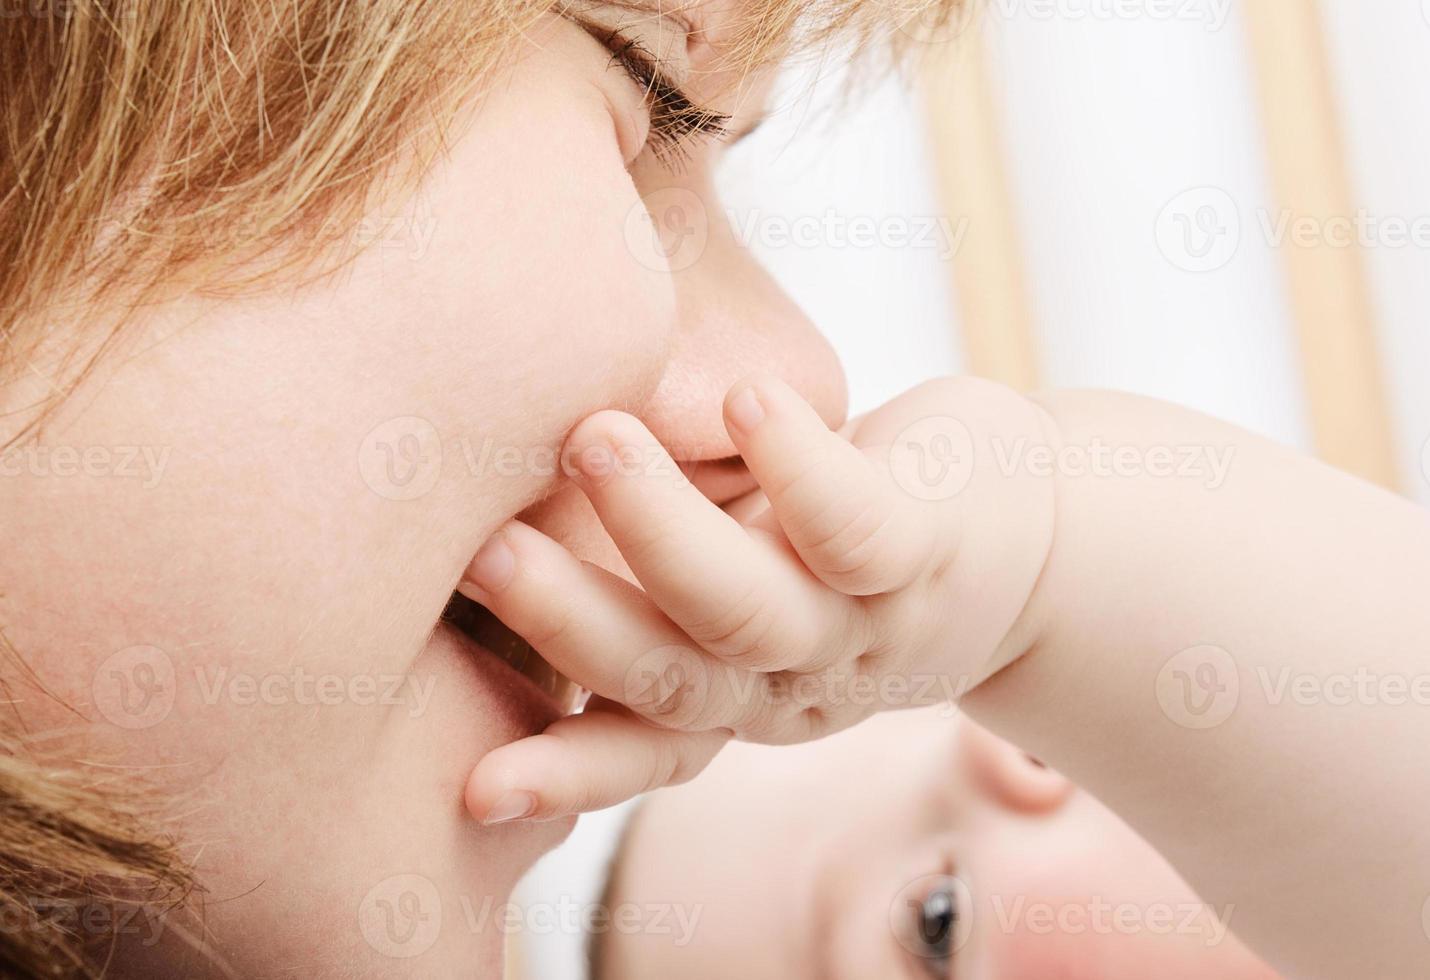 mami besando pequeña mano de bebé foto